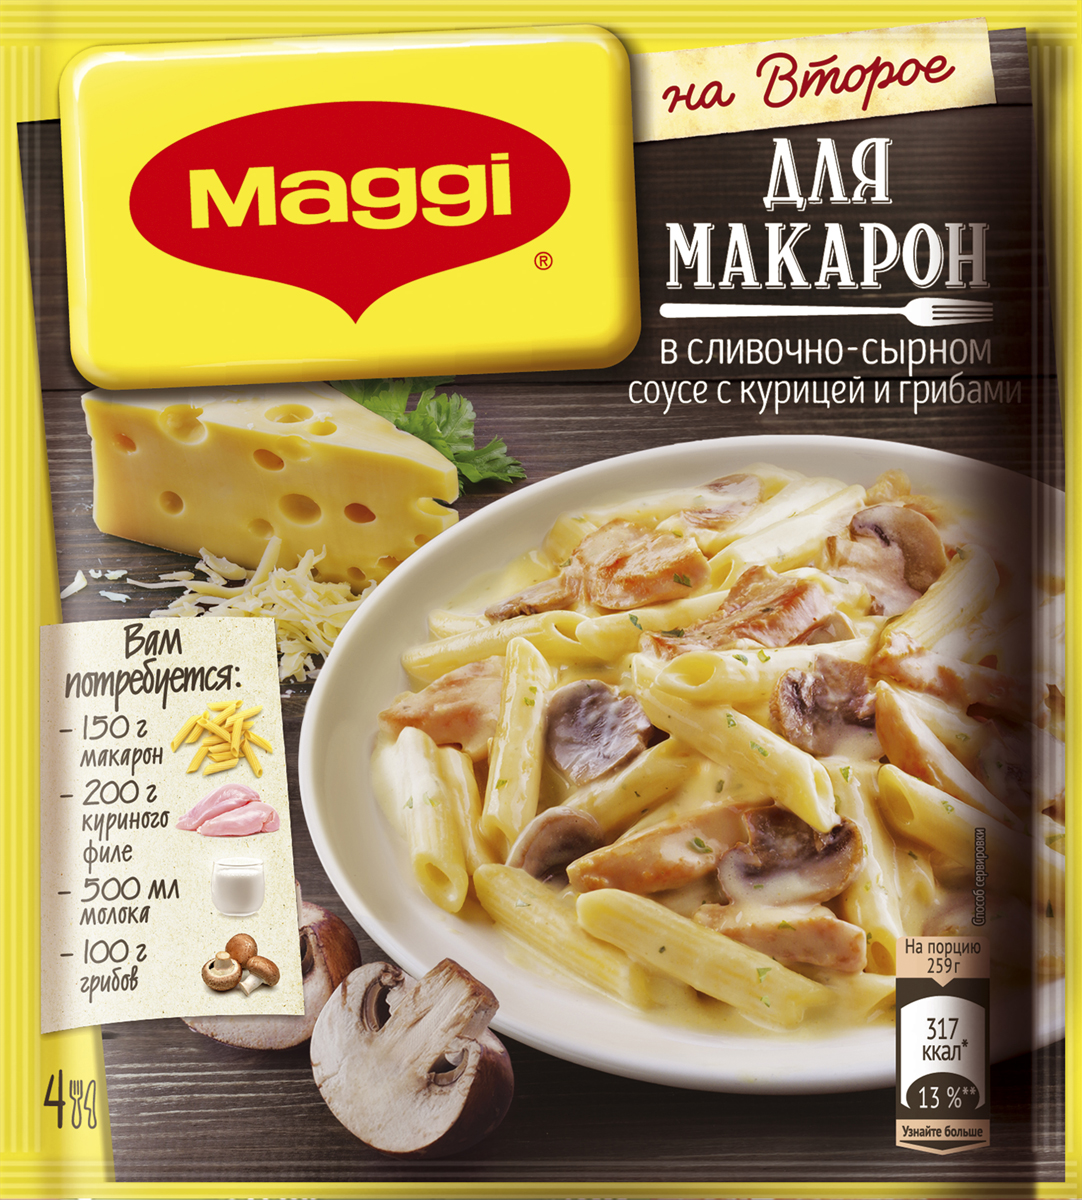 все цены на Maggi для макарон в сливочно-сырном соусе с курицей и грибами, 30 г онлайн